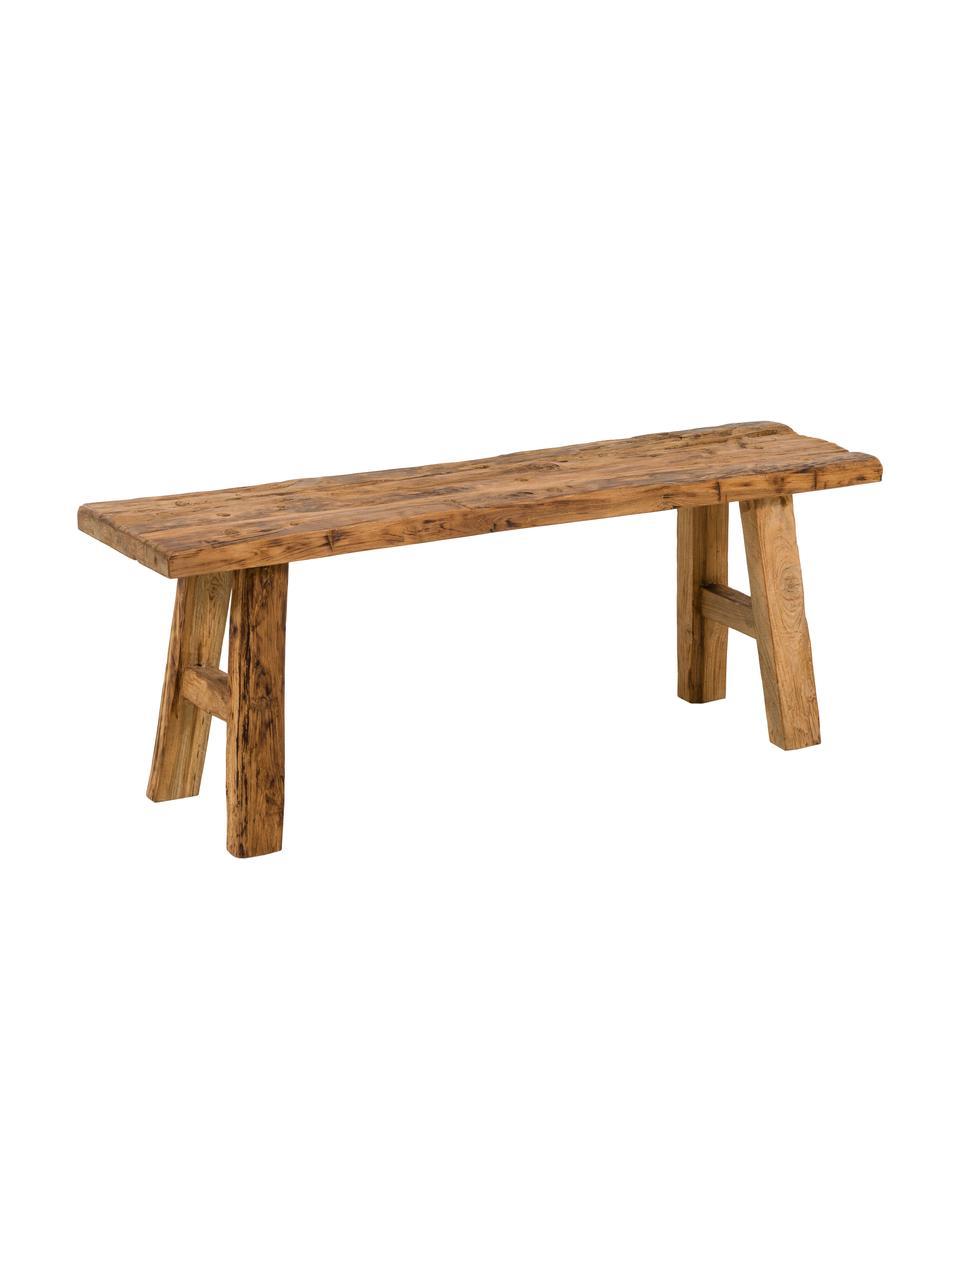 Ławka z drewna tekowego z recyklingu Decorative, Naturalne drewno tekowe, Drewno tekowe, S 120 x W 45 cm